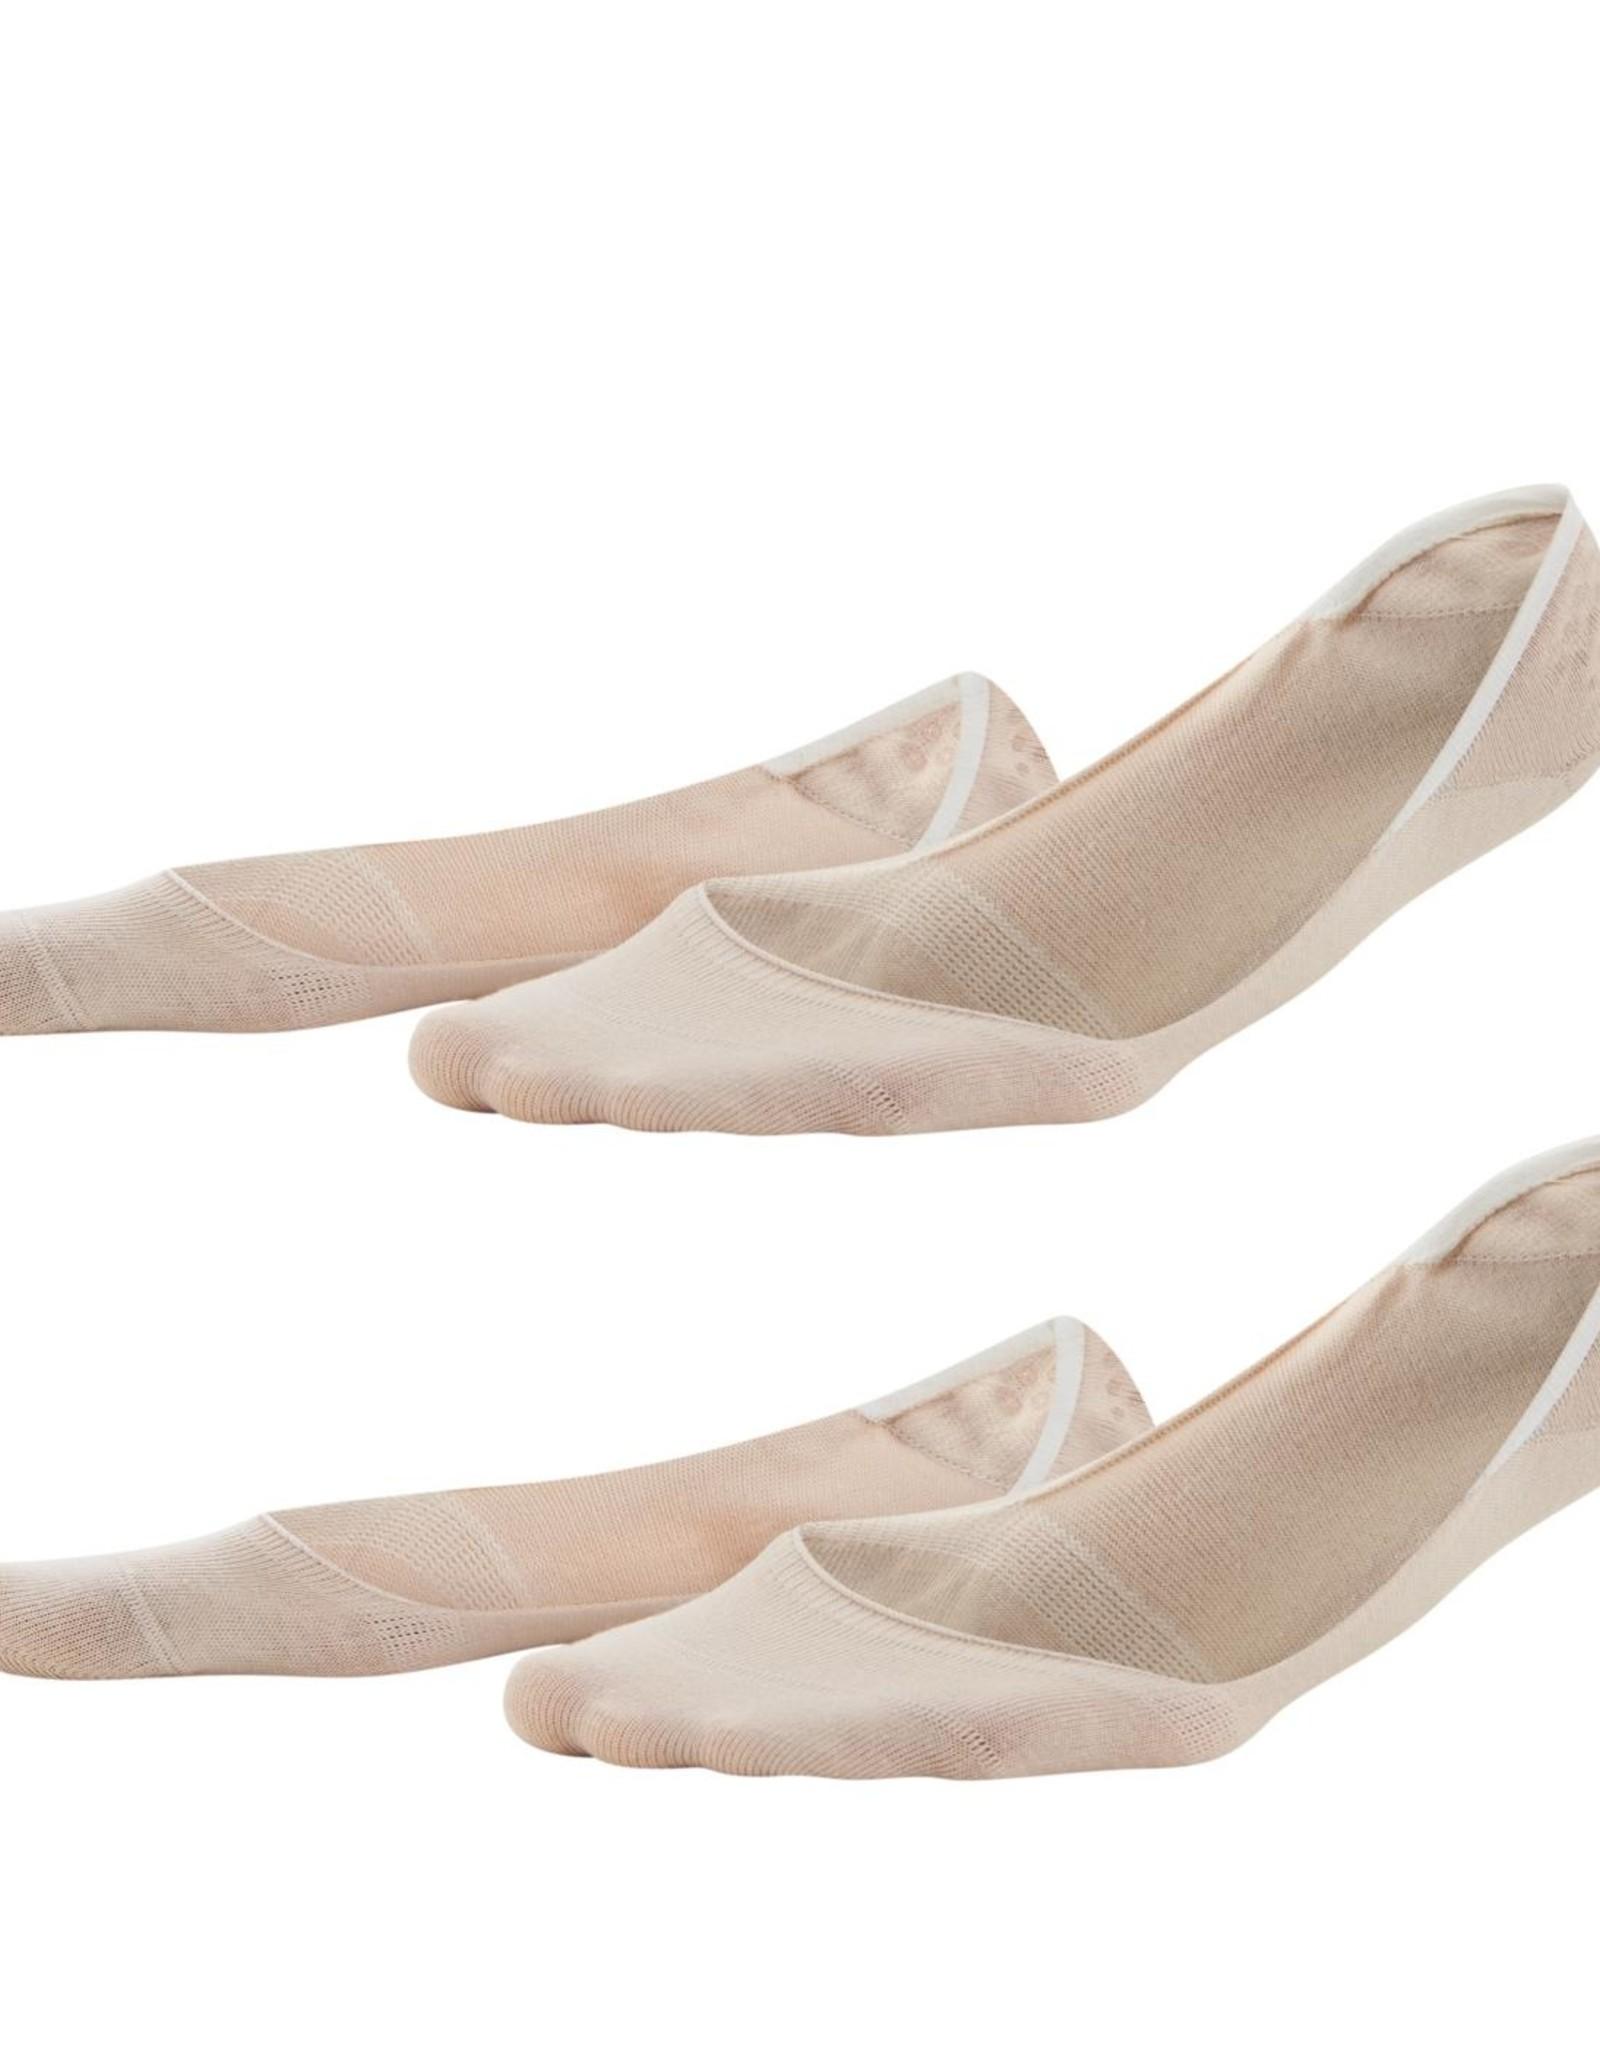 Living Crafts FOOTSIES 2 PAAR ANTI-SLIP SKIN COLOR